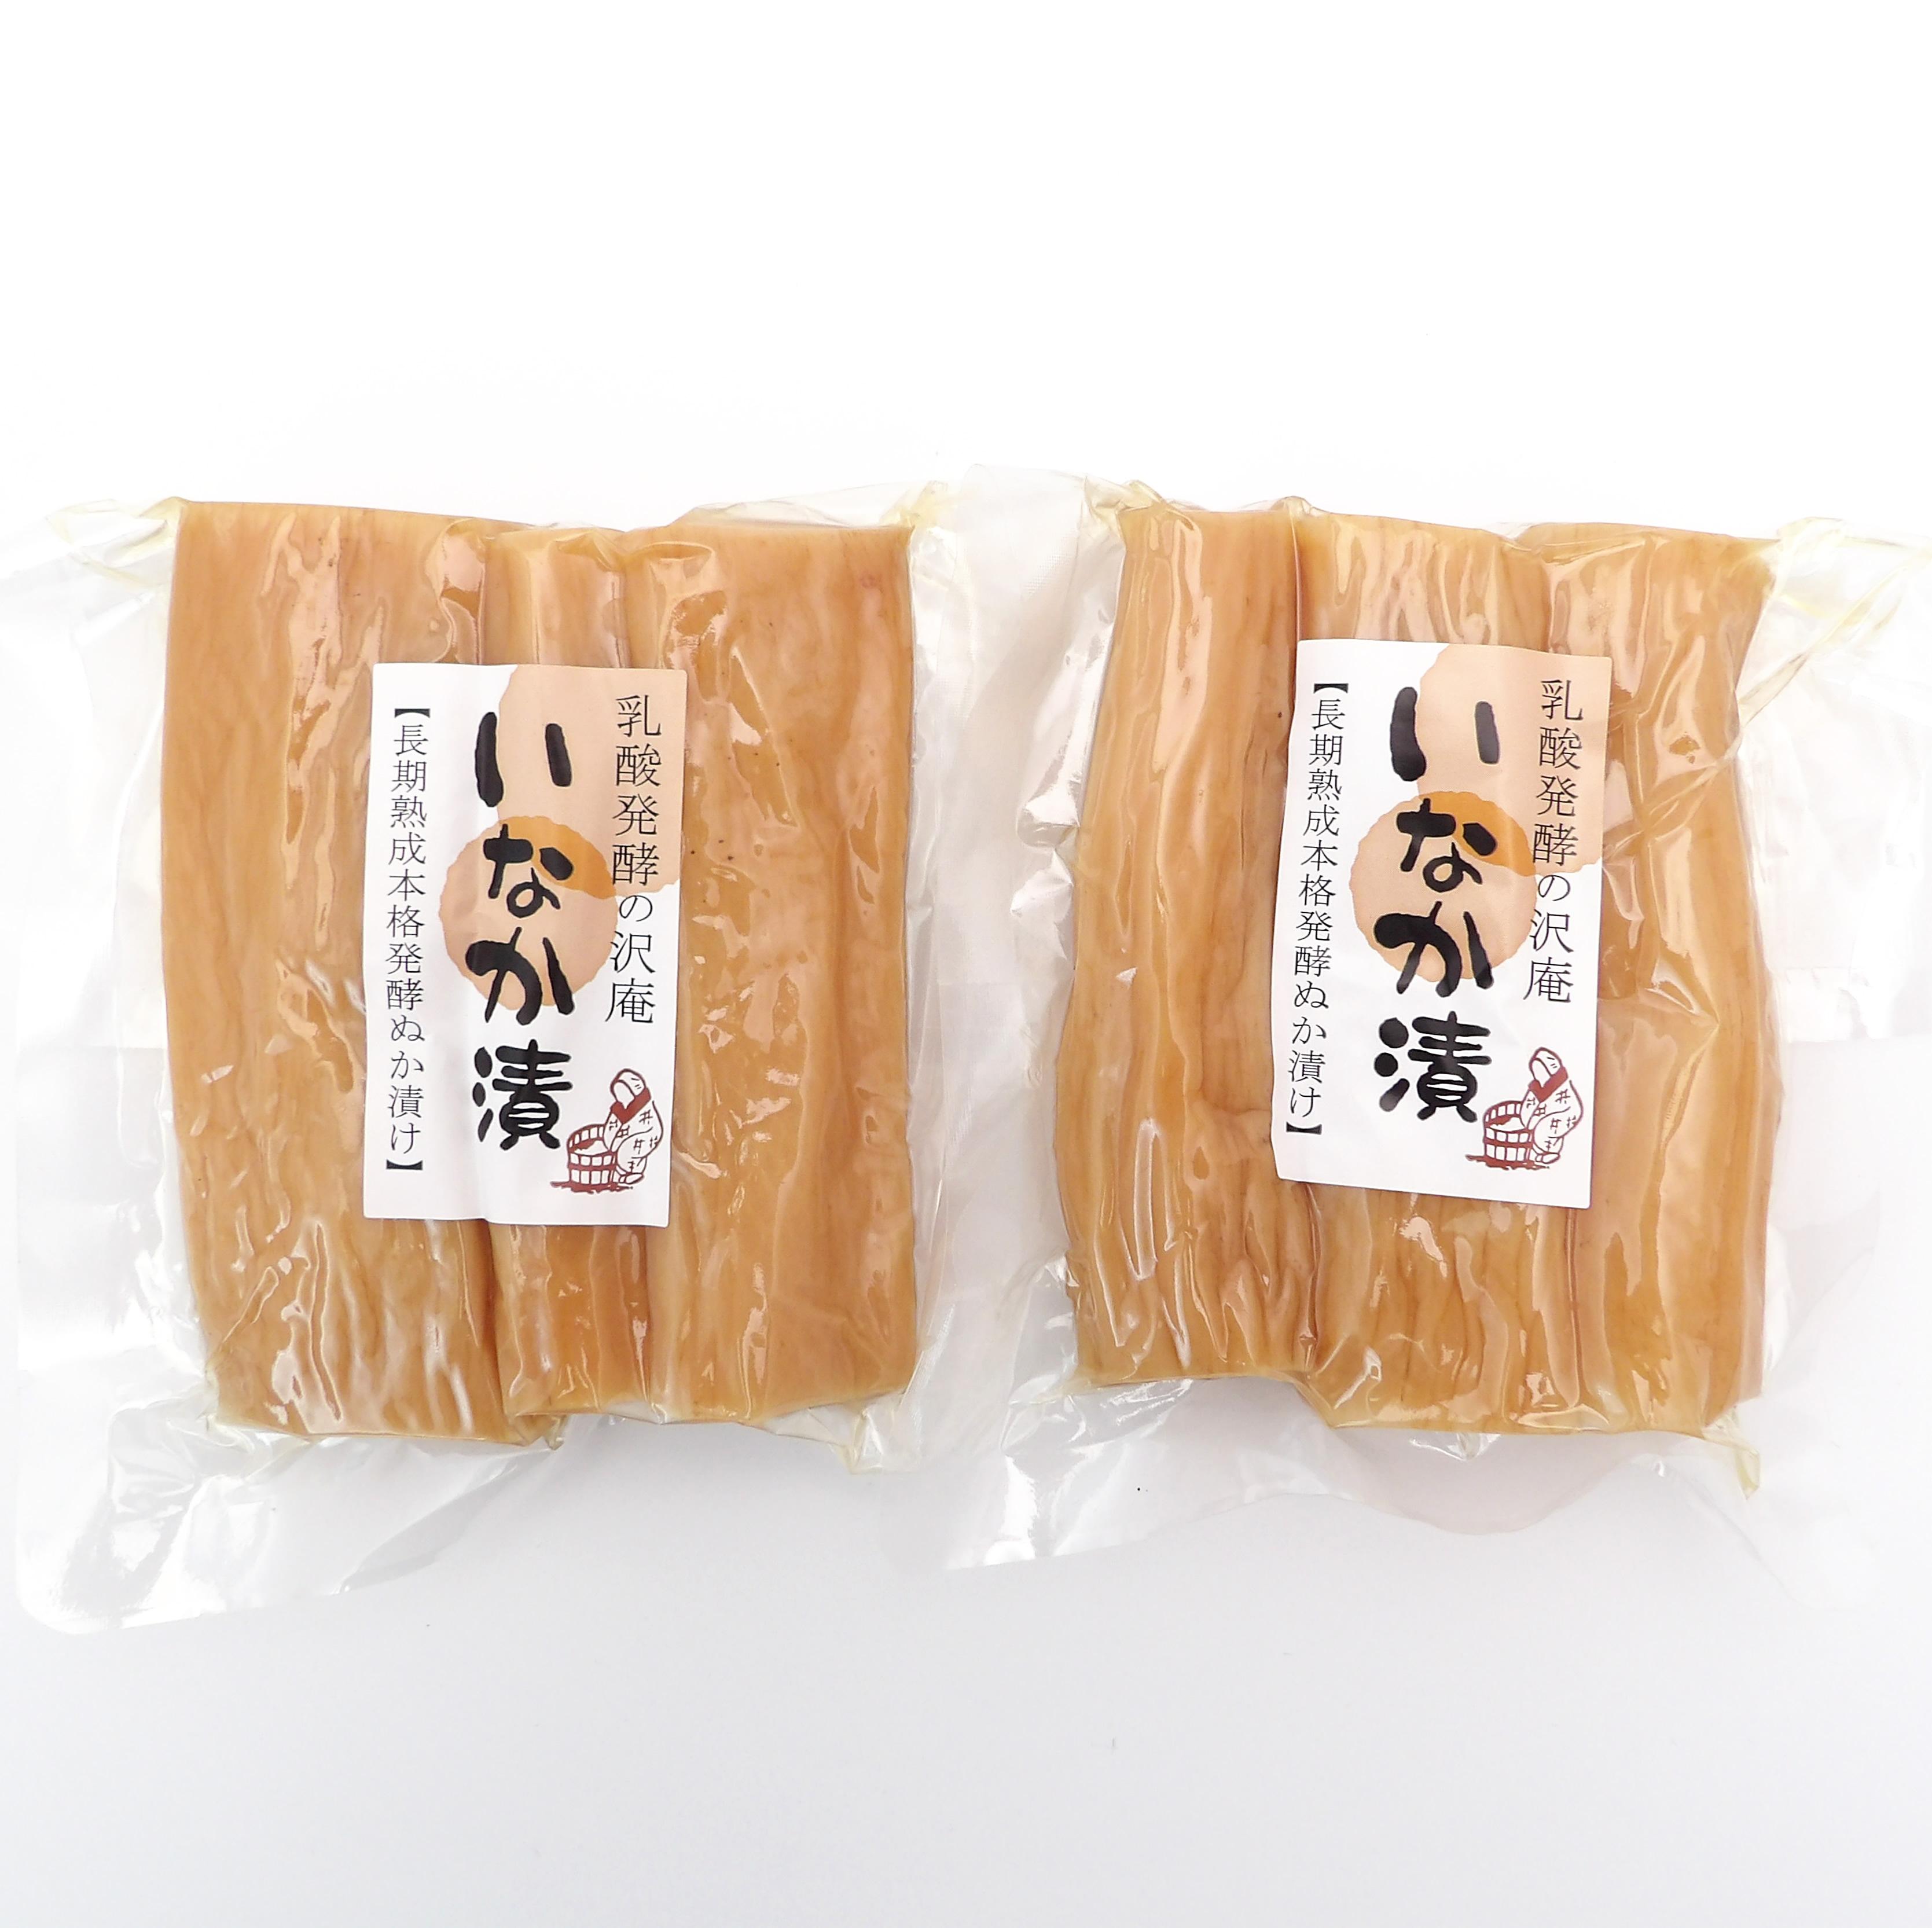 『乳酸発酵の沢庵「いなか漬け145g×2袋セット」』【メール便対応1通2セットまで】